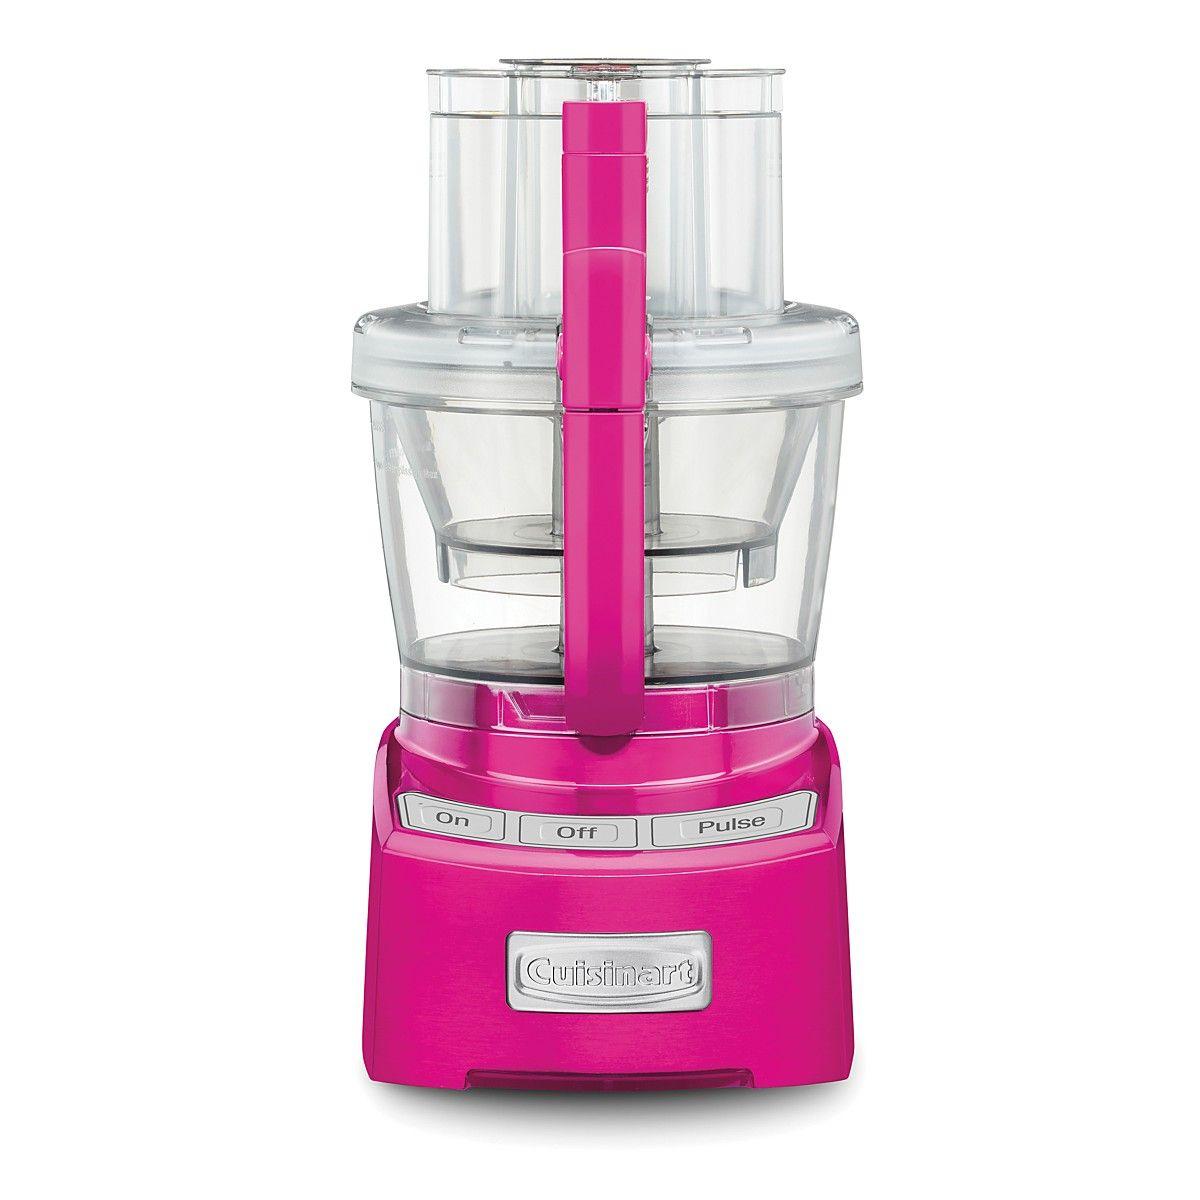 Cuisinart 12cup food processor metallic pink